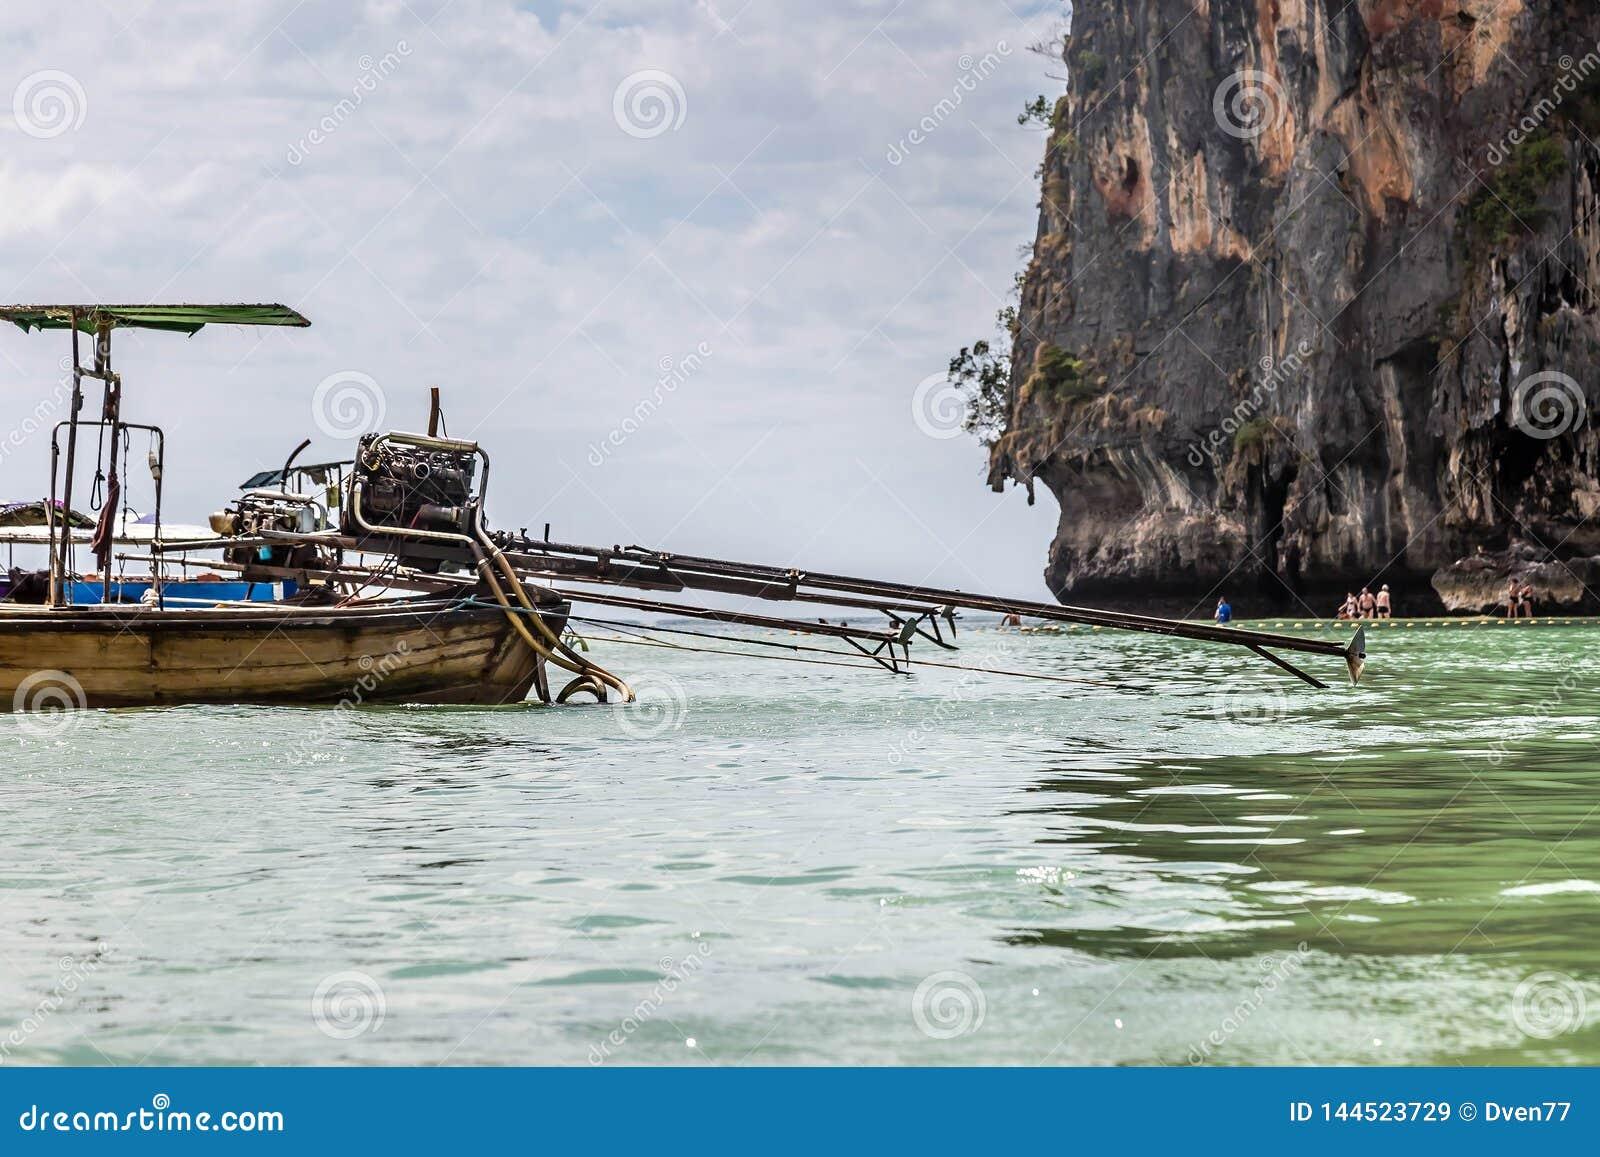 De zelf-gemaakte motor van de pick-up wordt opgezet op een motorboot met lange staart tegen de achtergrond van een zandig strand